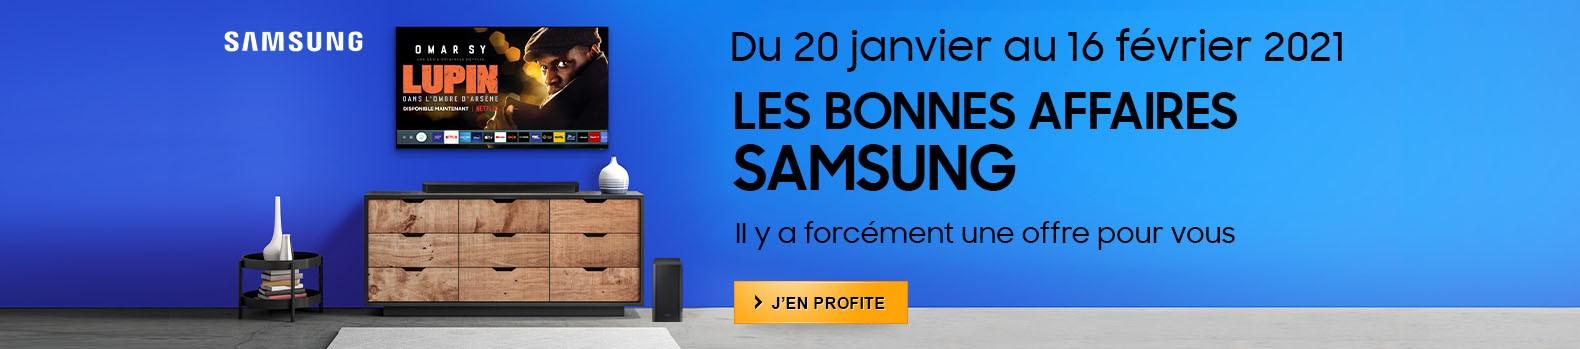 LES BONNES AFFAIRES SAMSUNG !